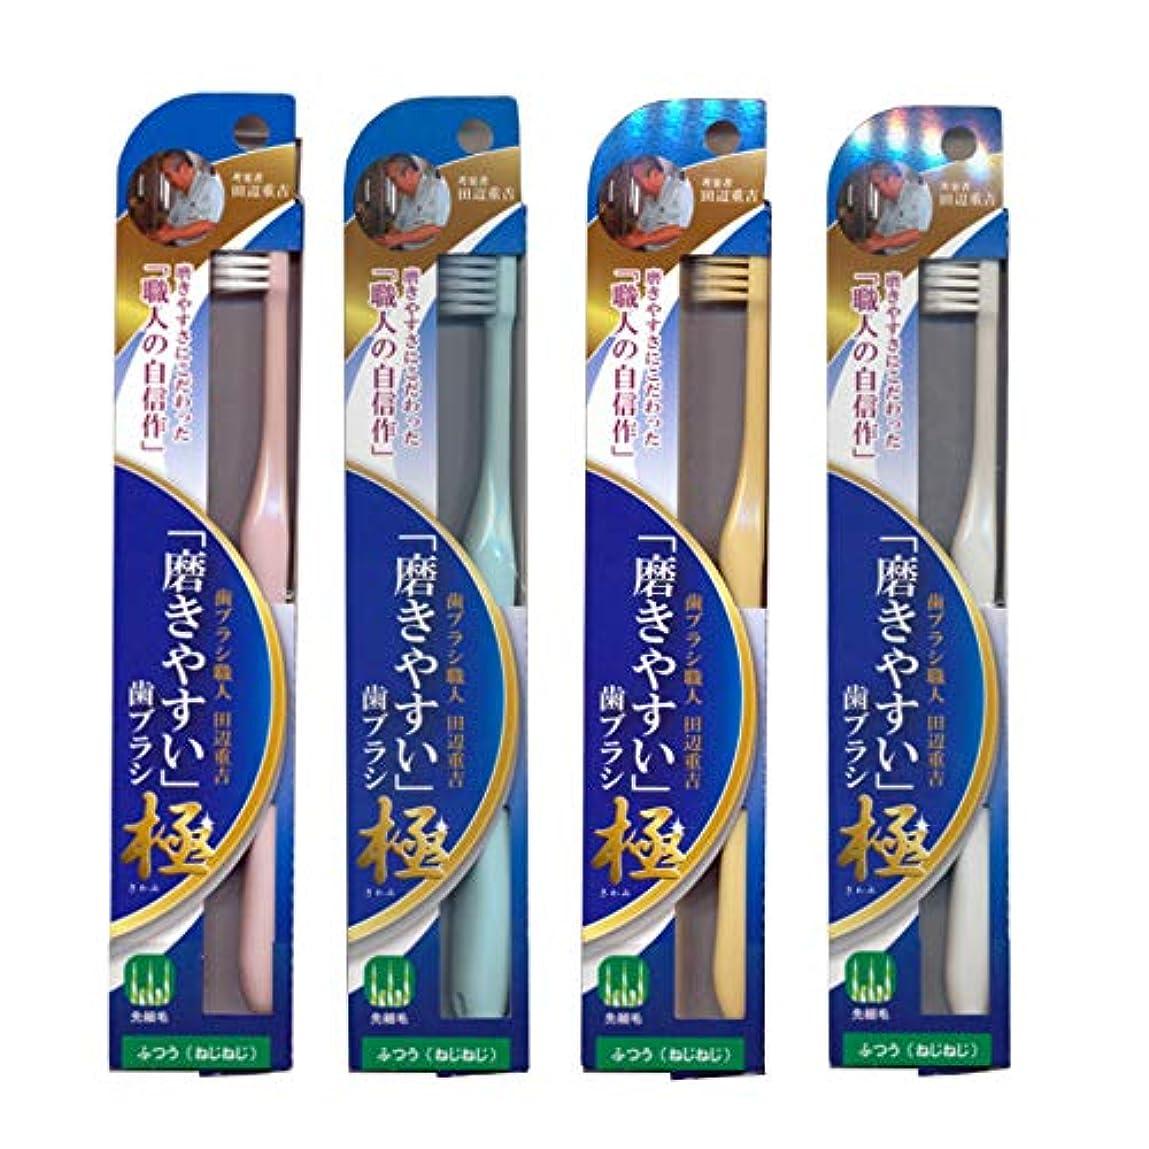 社交的パス有効磨きやすい歯ブラシ極 (ふつう ねじねじ) LT-45×12本セット(ピンク×3、ブルー×3、ホワイト×3、イエロー×3) 先細毛